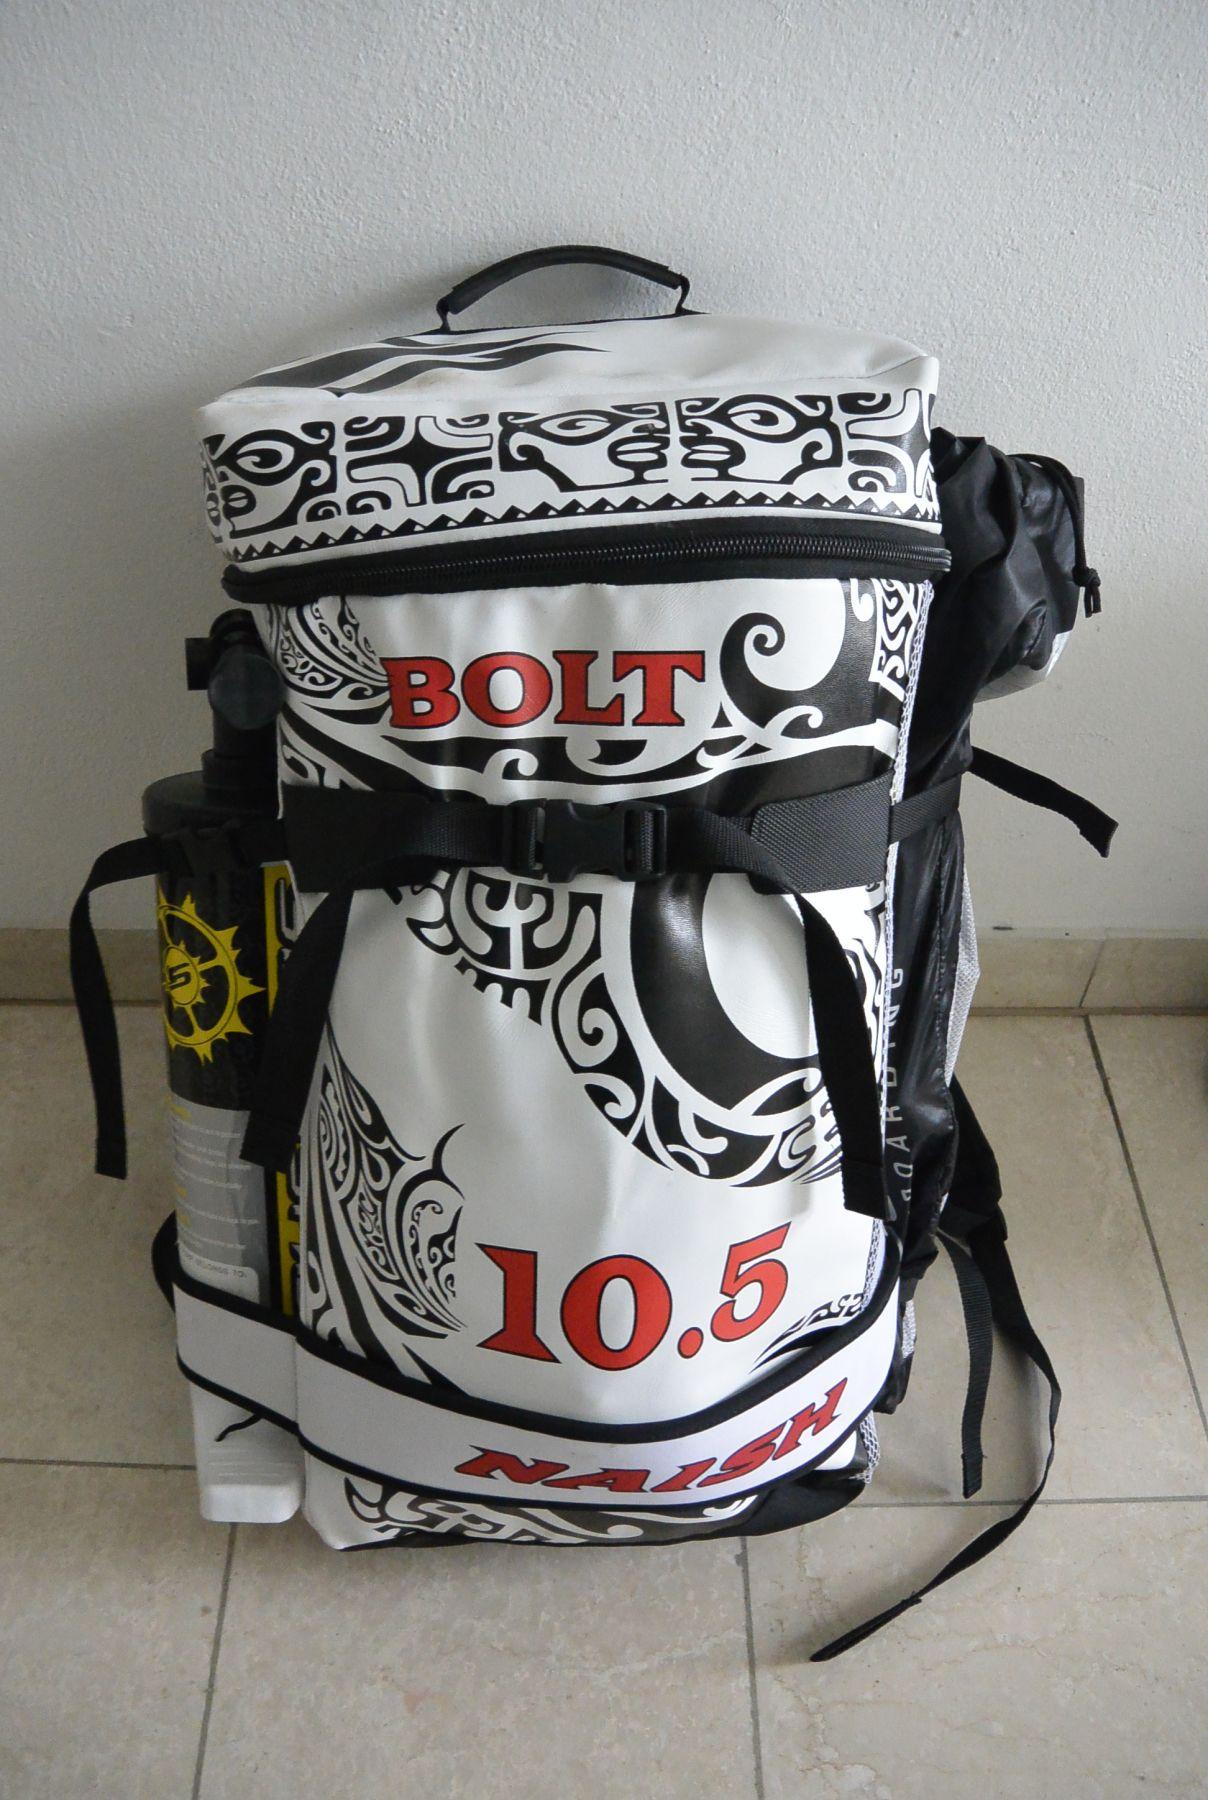 Naish_Bolt_105_4_